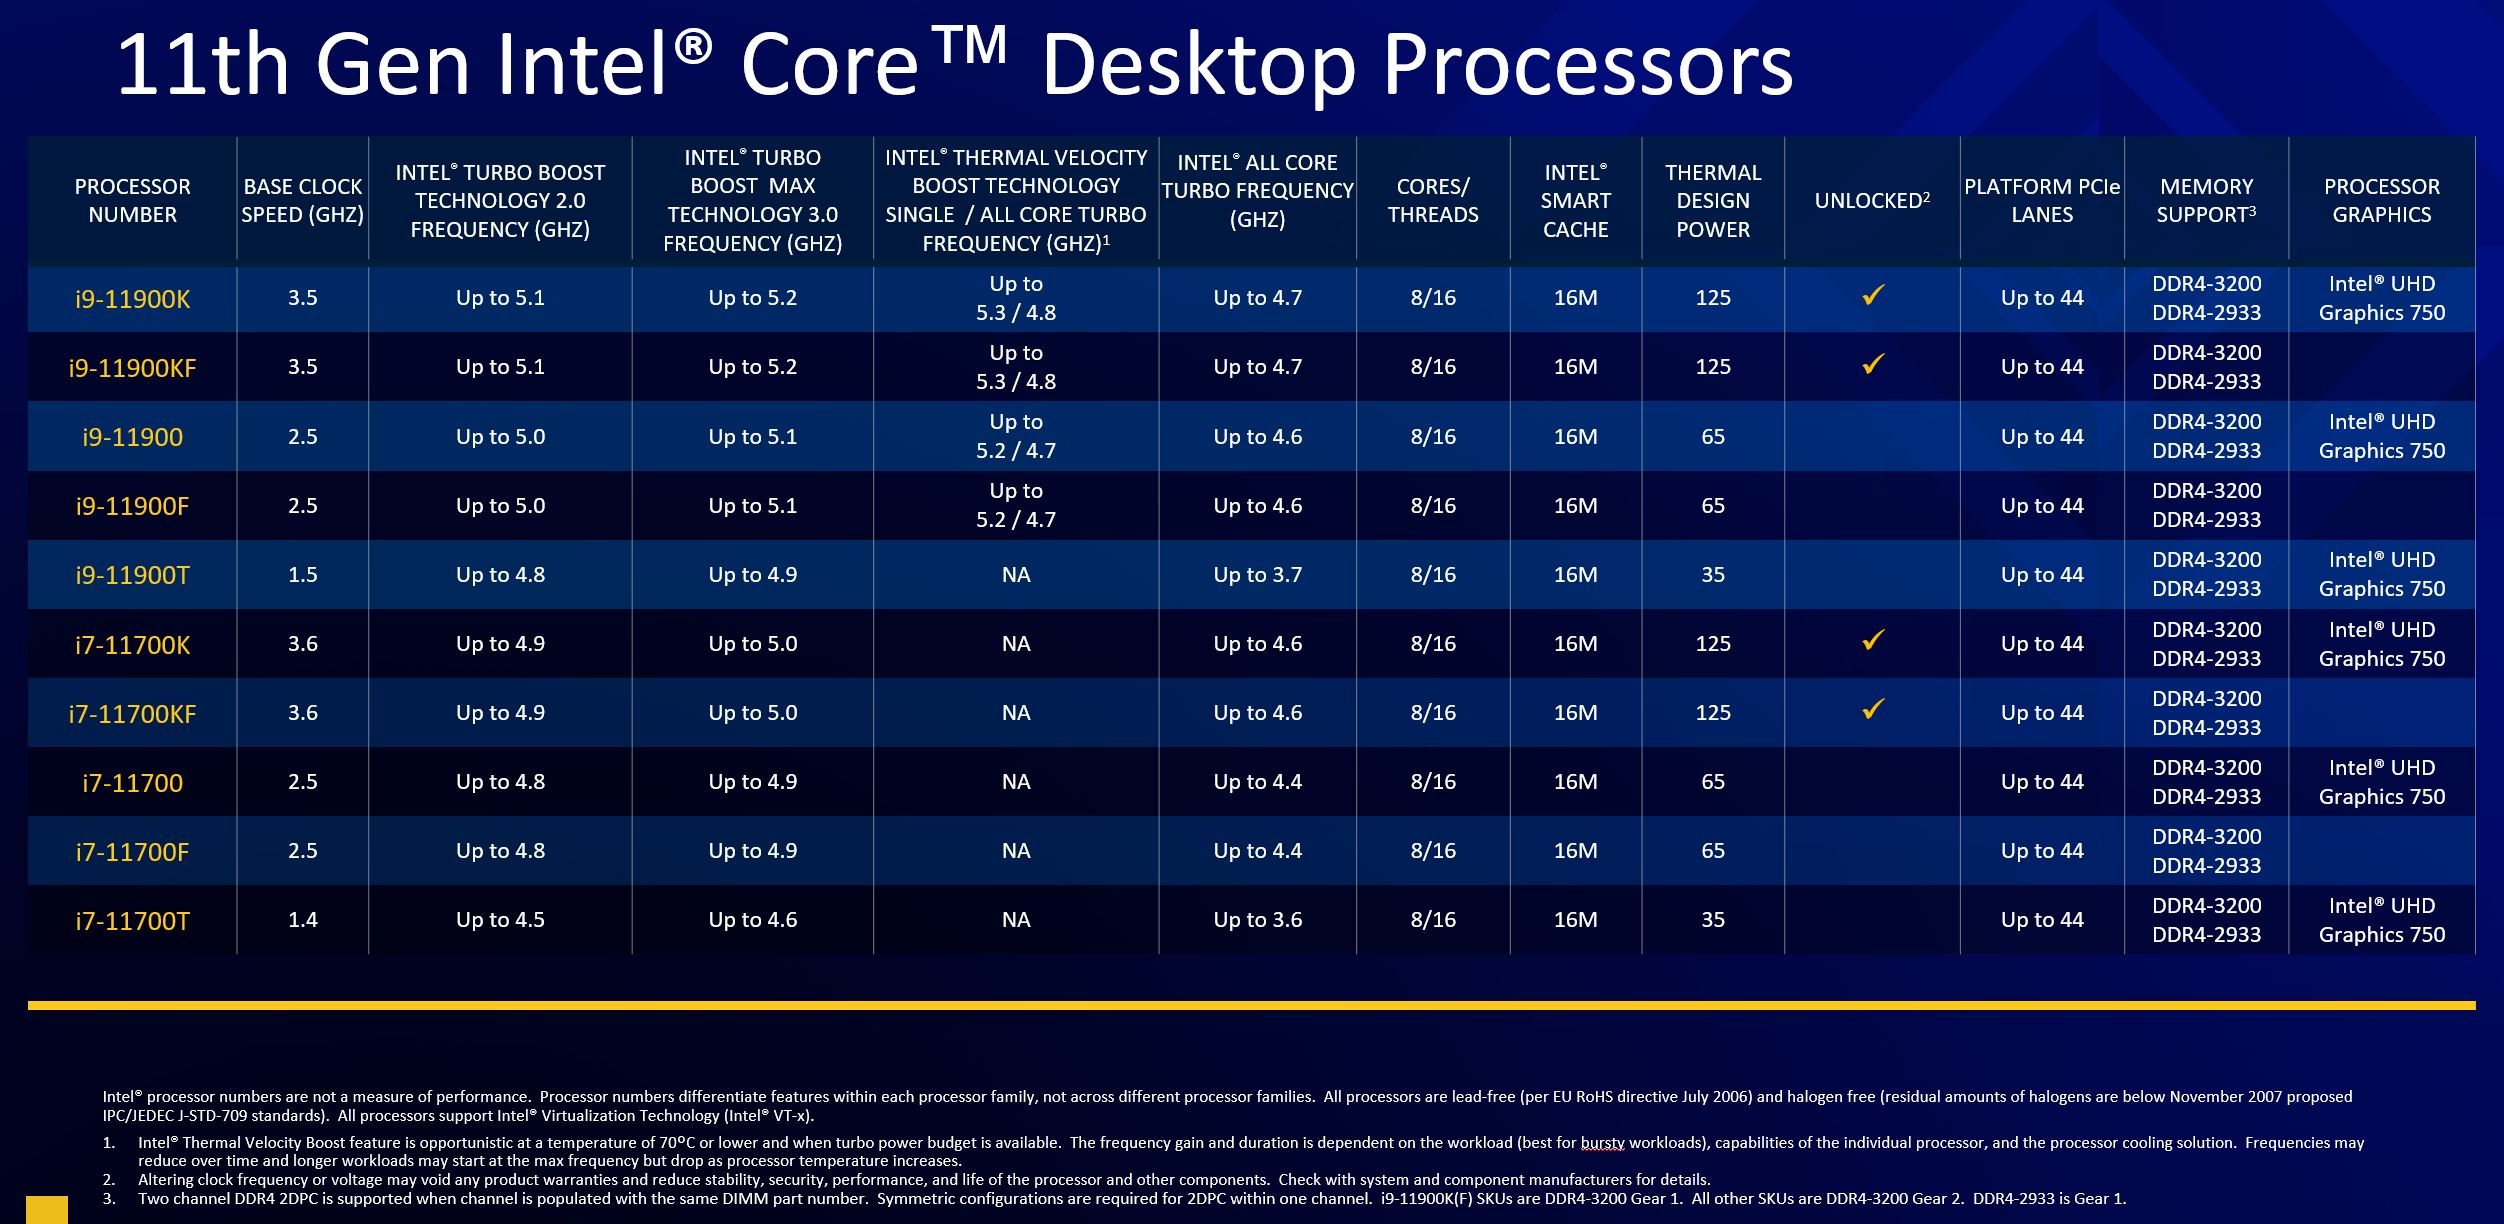 Intel 11th Gen Core Desktop Rocket Lake S SKU List 1